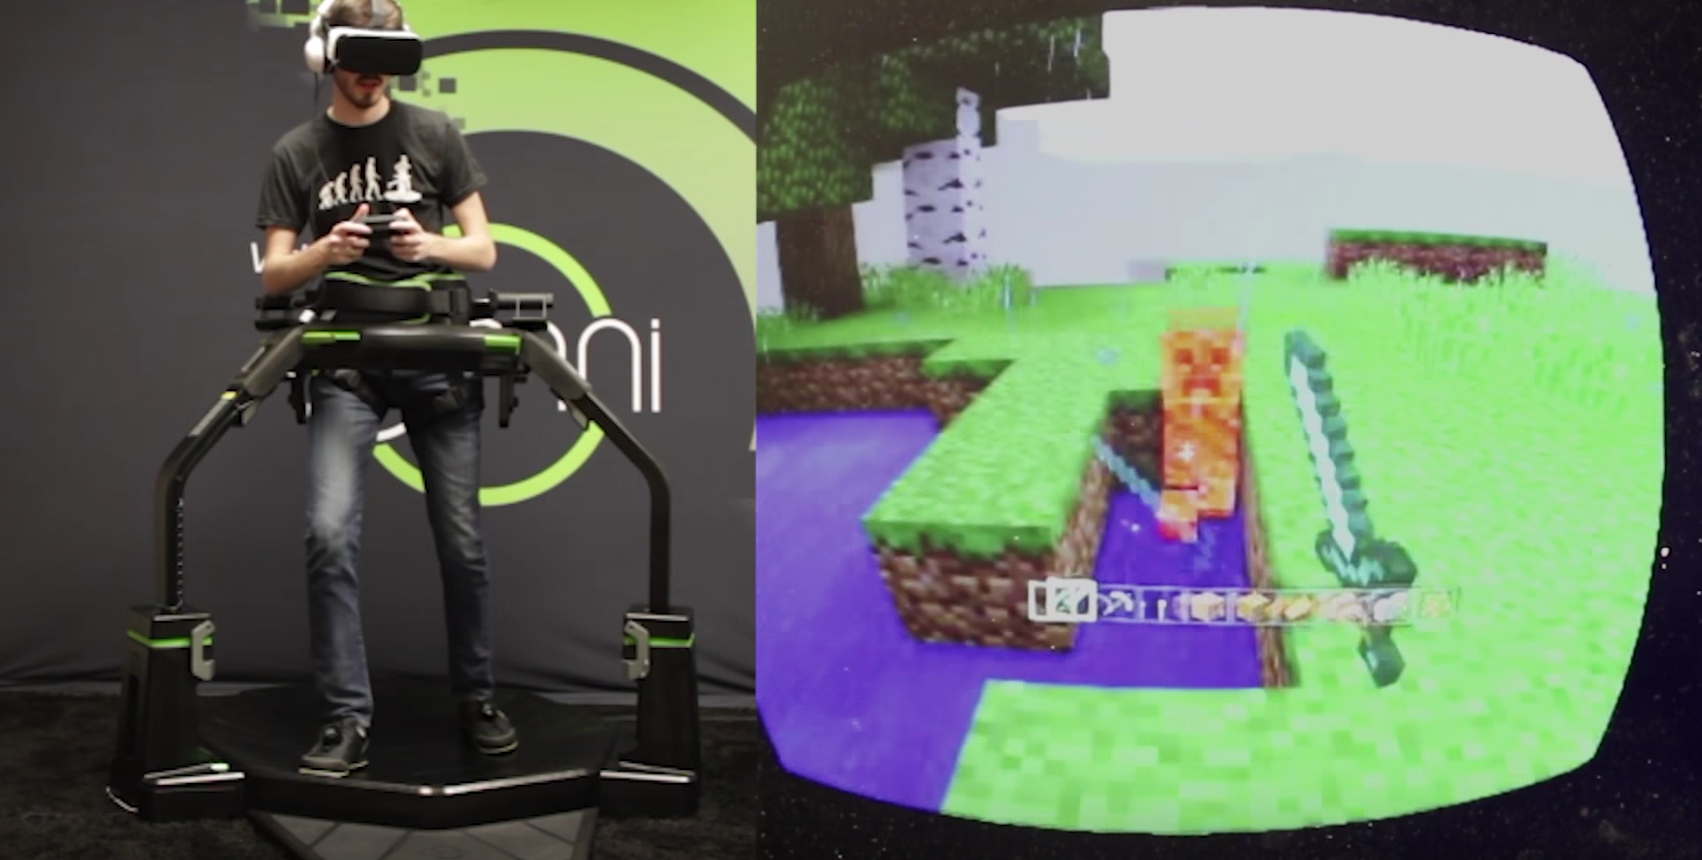 VRで「Minecraft」の世界を体験出来る?Virtuix Omniを使ったゲームが面白そう!